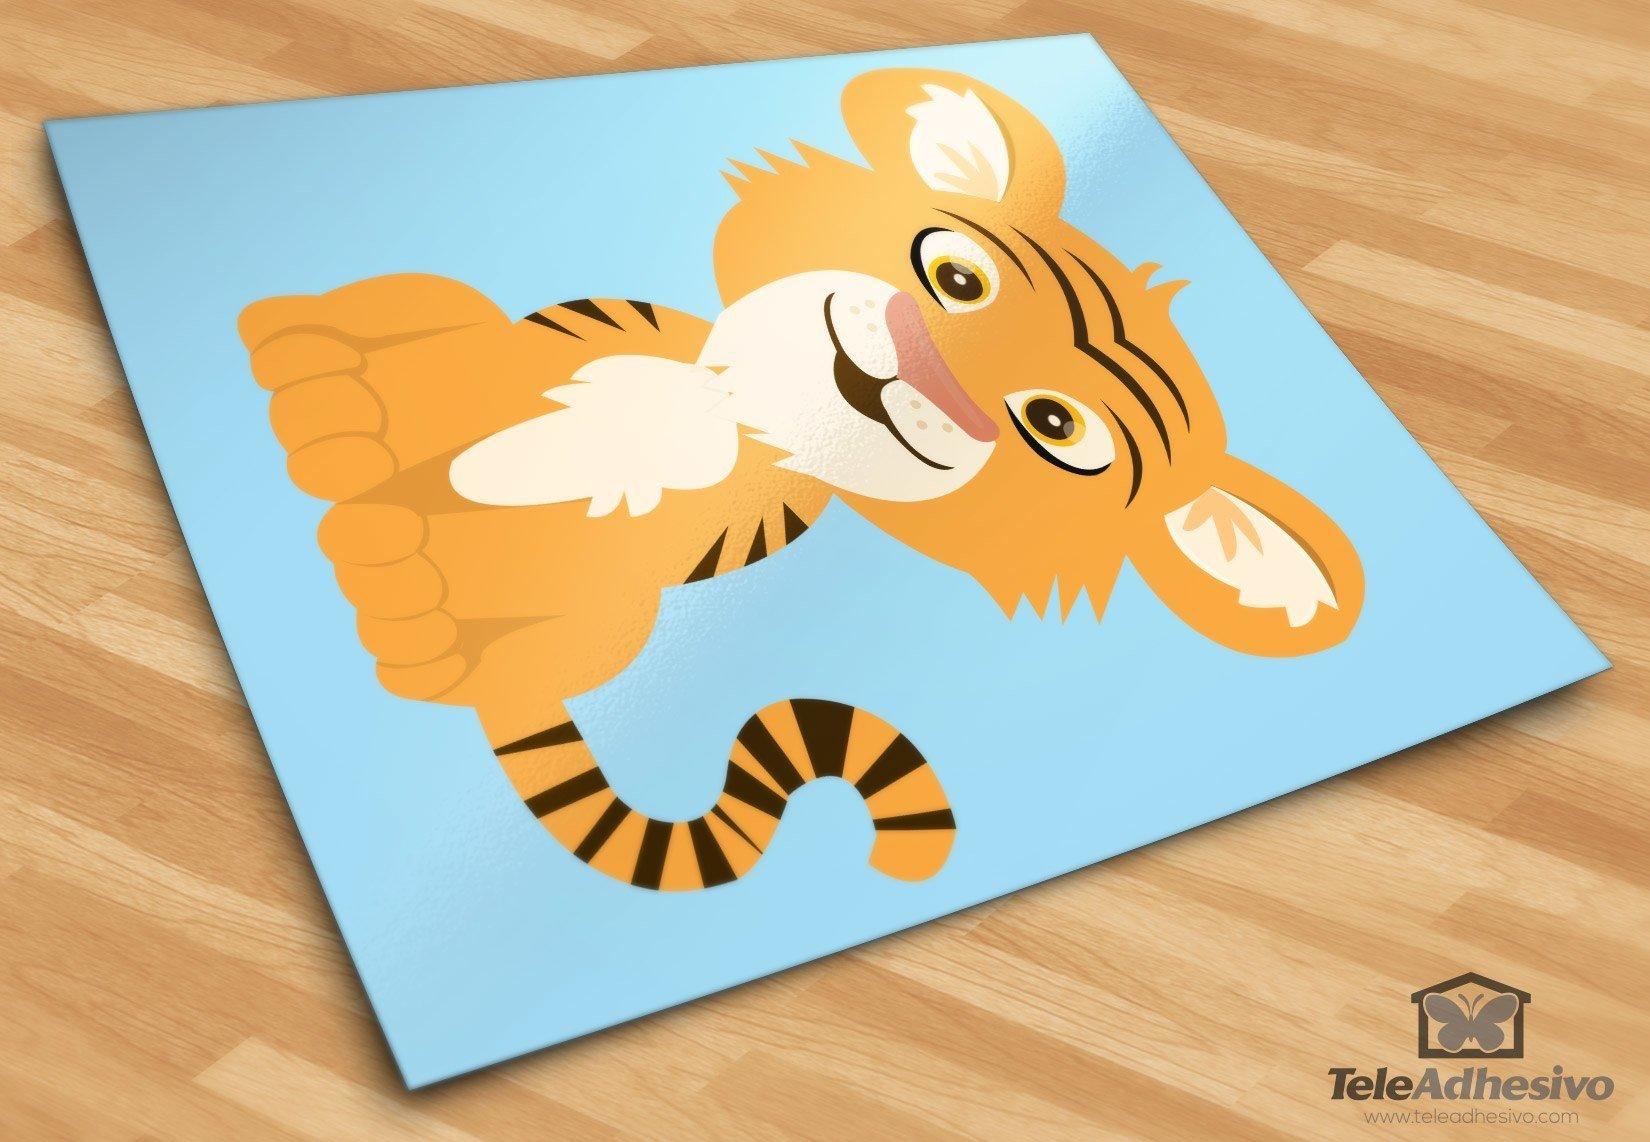 Kinderzimmer Wandtattoo: Tiger Aladdin